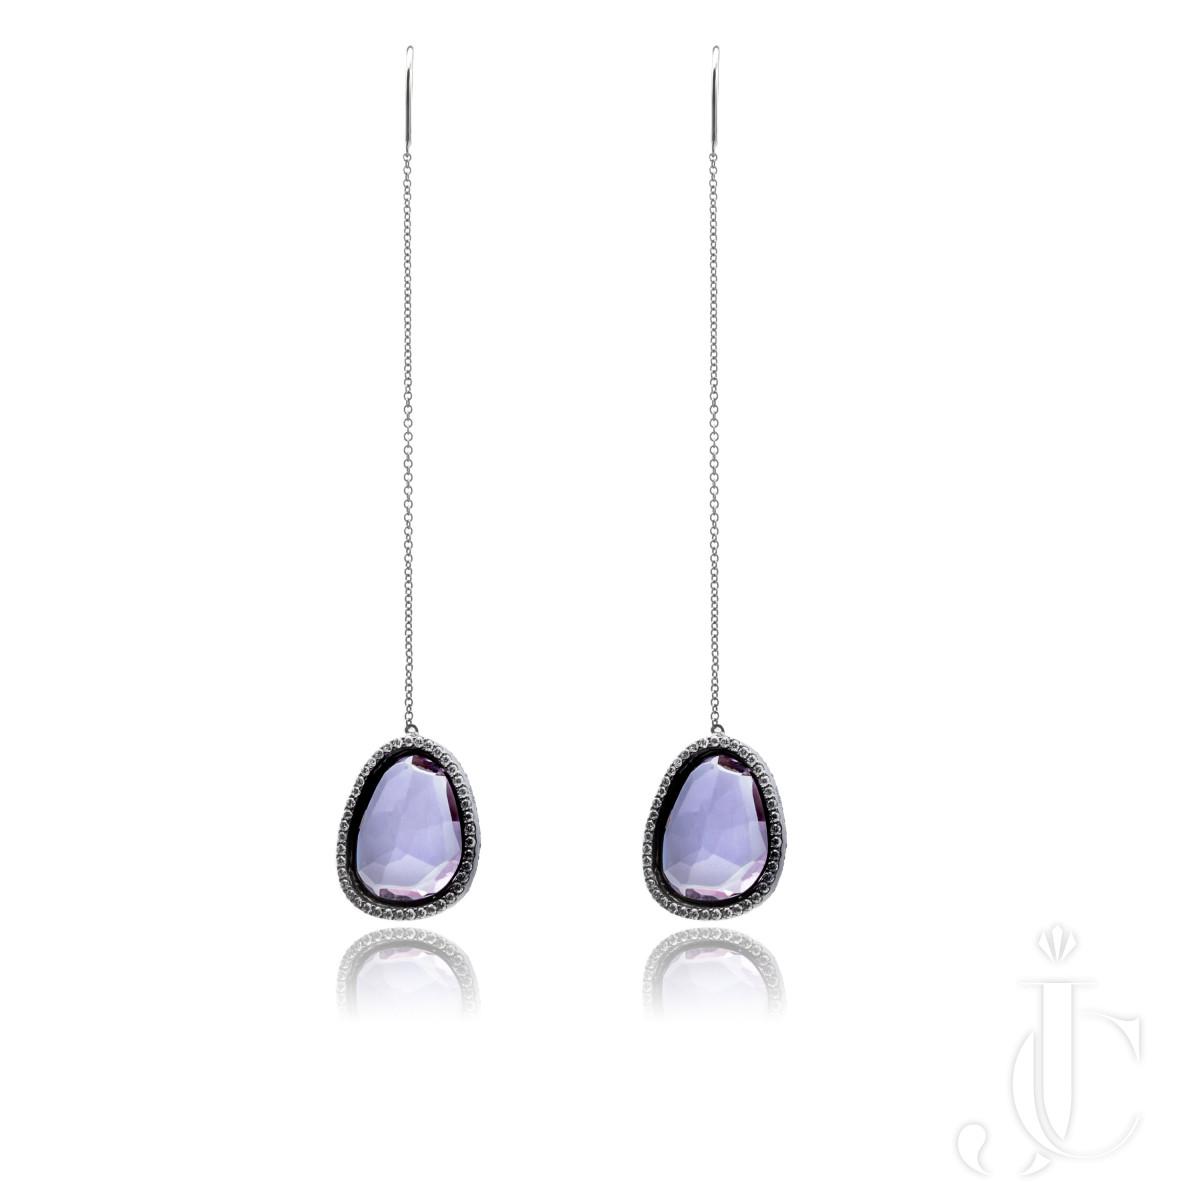 An Order of Bling Amethyst Slice and Diamond Earrings, 18 Karat Black Gold